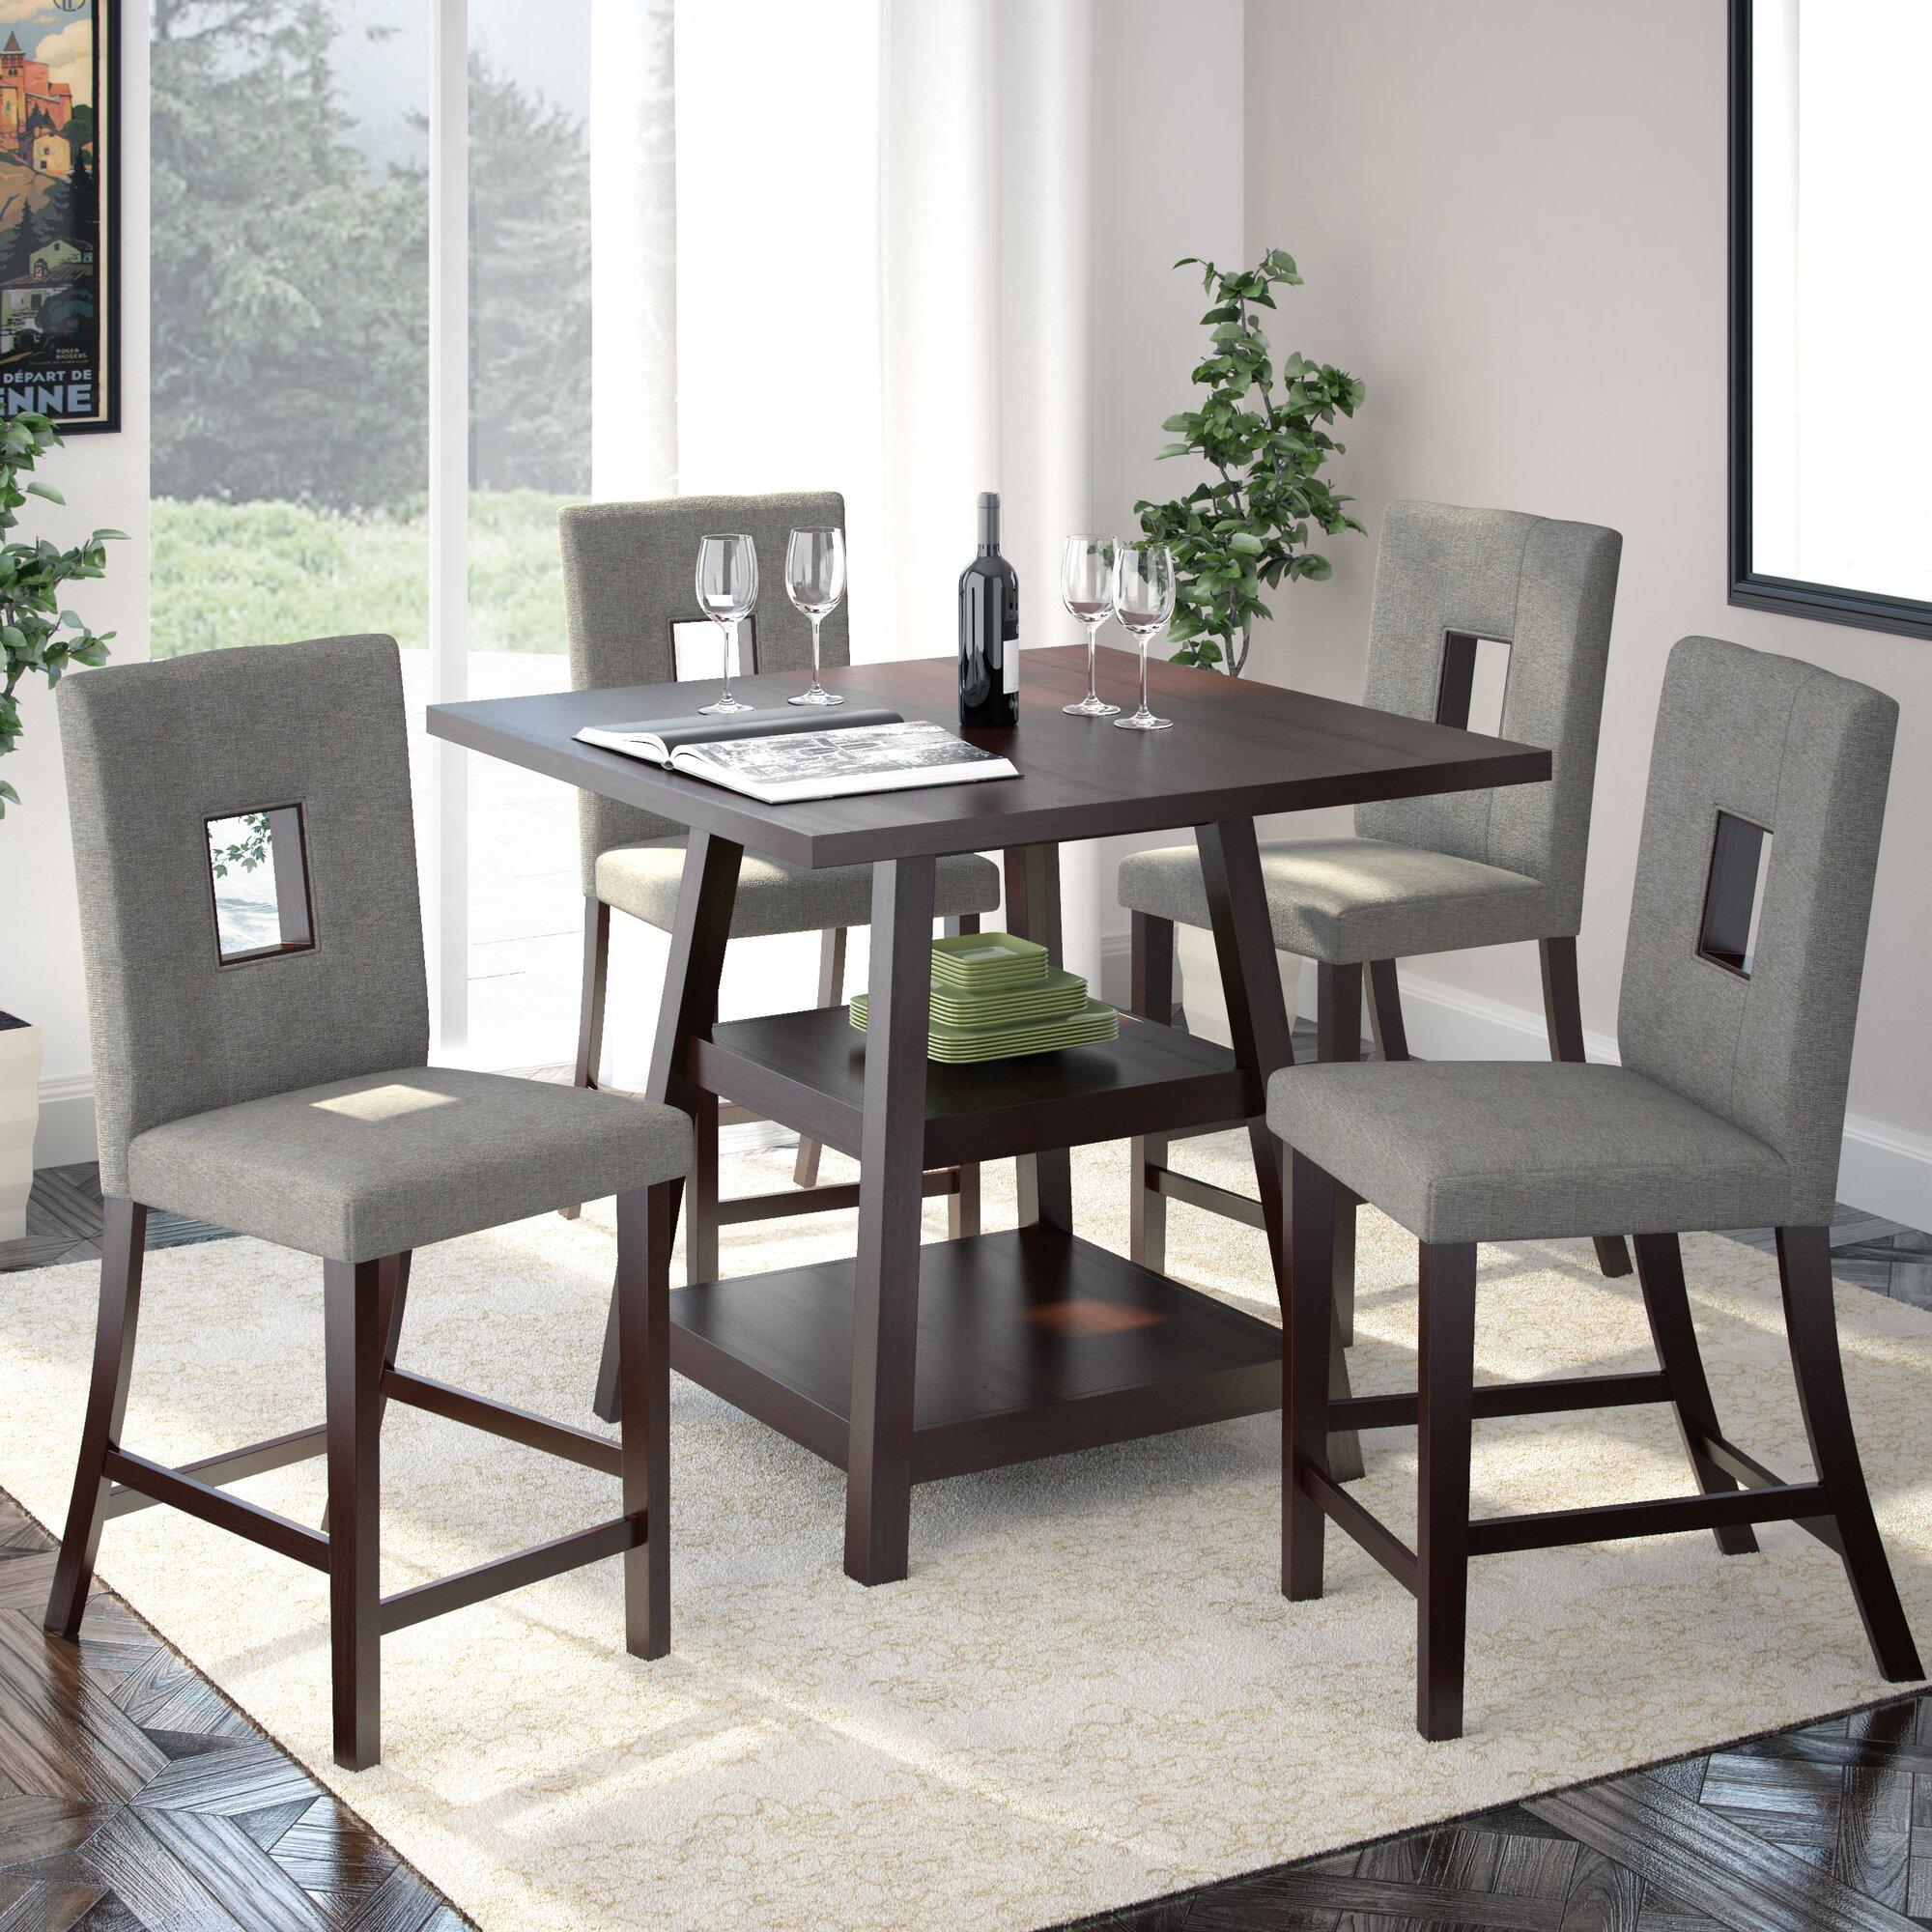 burgess 5 piece counter height dining set reviews allmodern